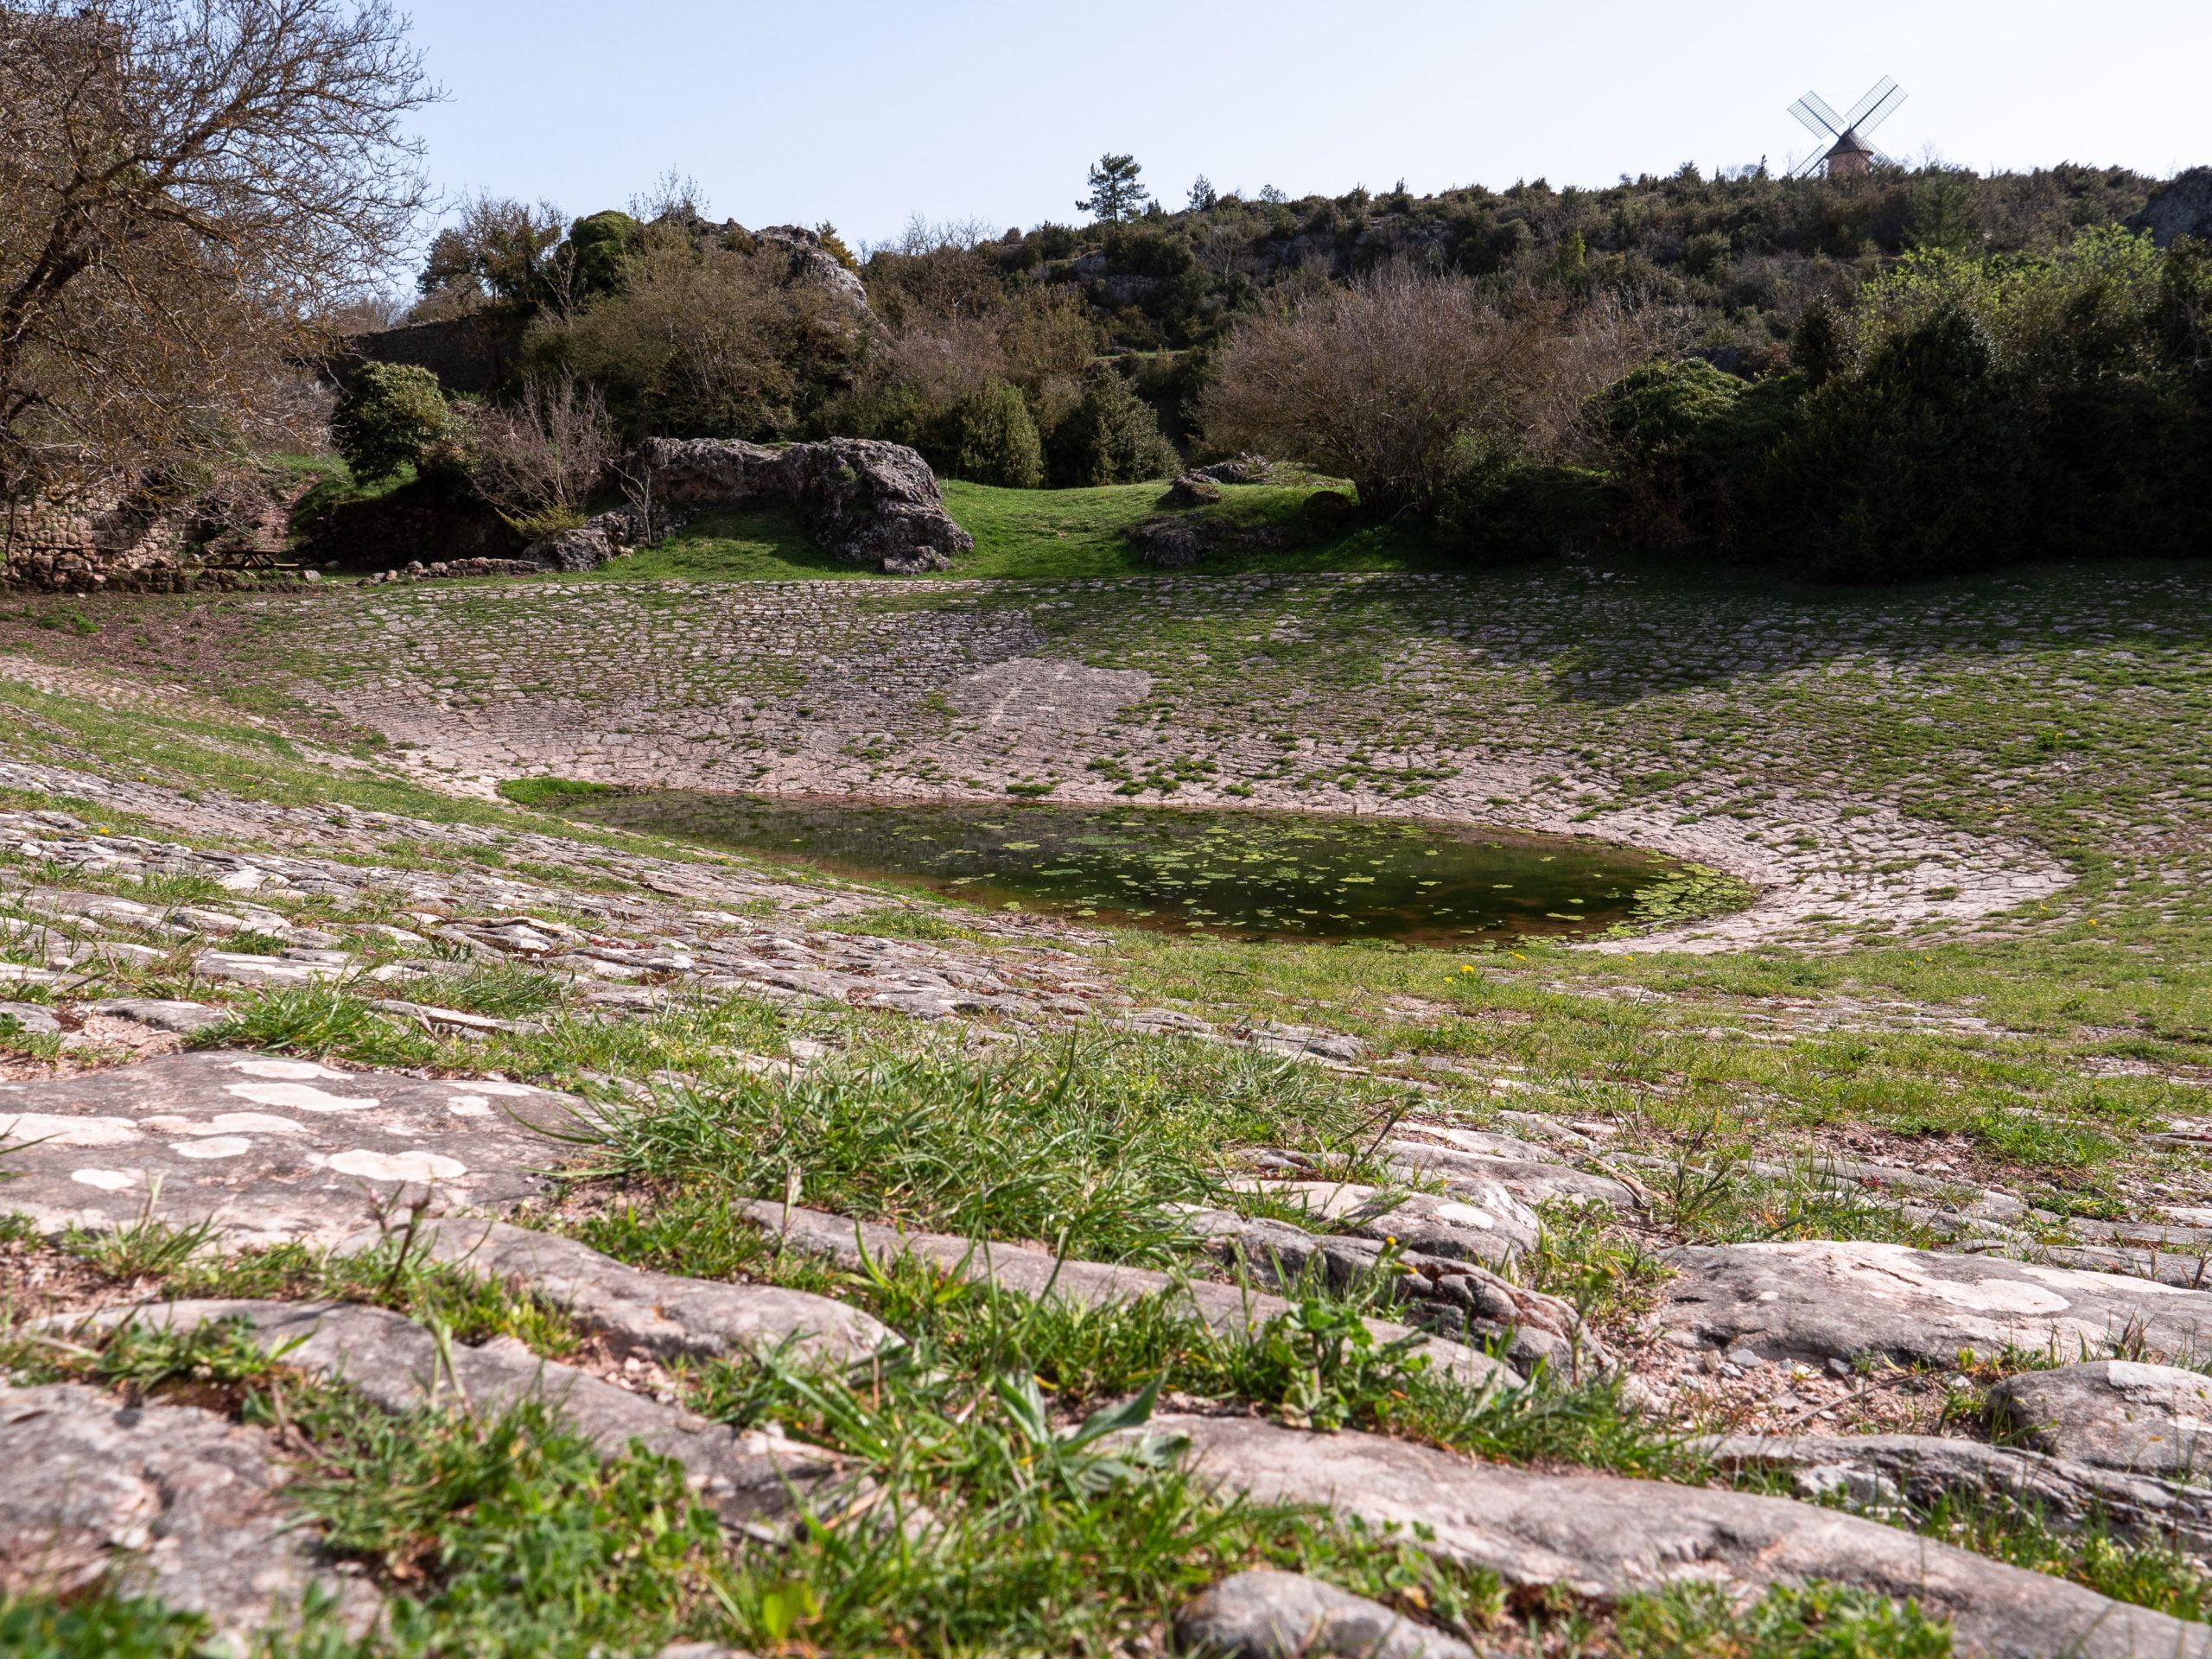 visiter le plateau du Larzac en Aveyron, un des plus beaux causse de France